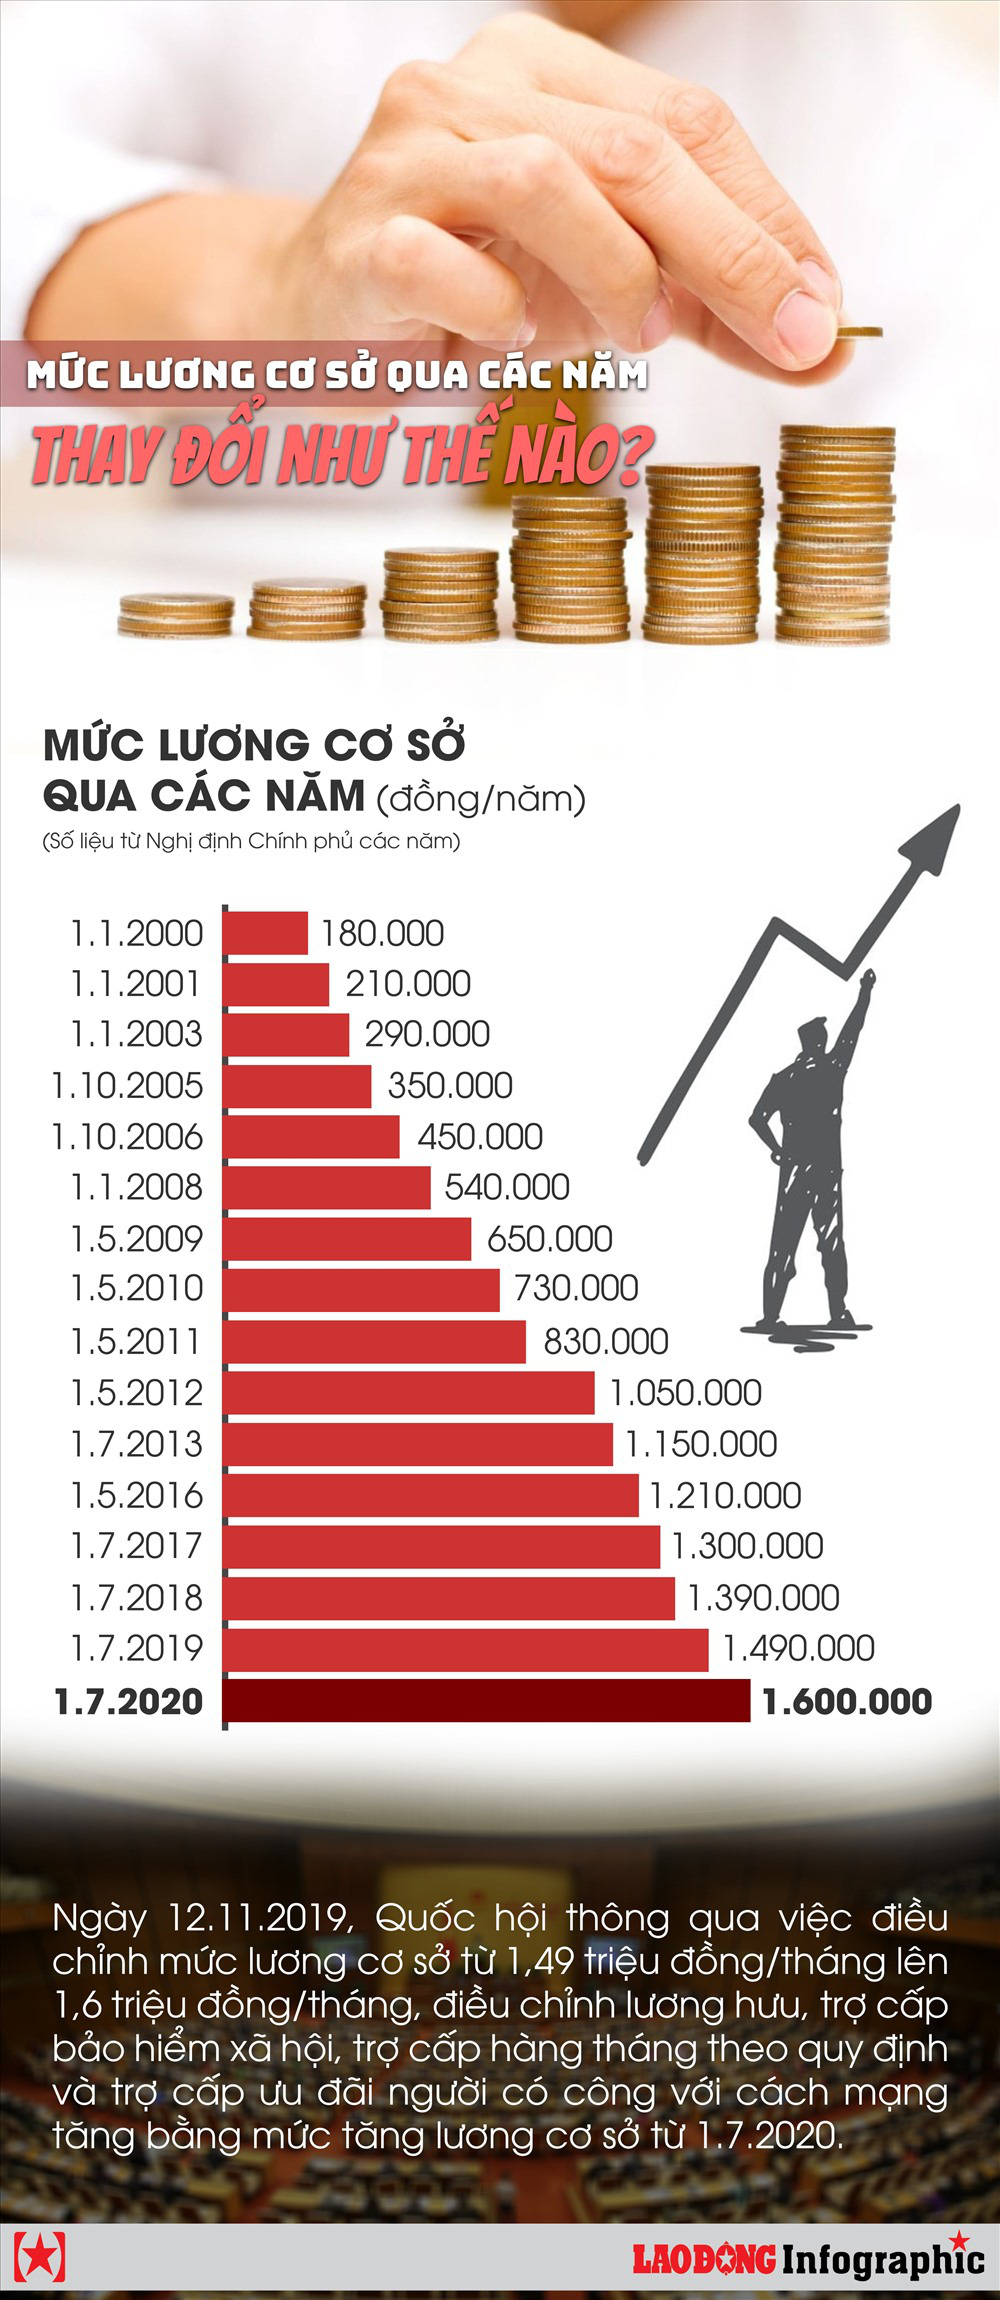 Infographic: Mức lương cơ sở qua các năm thay đổi như thế nào? - Ảnh 1.